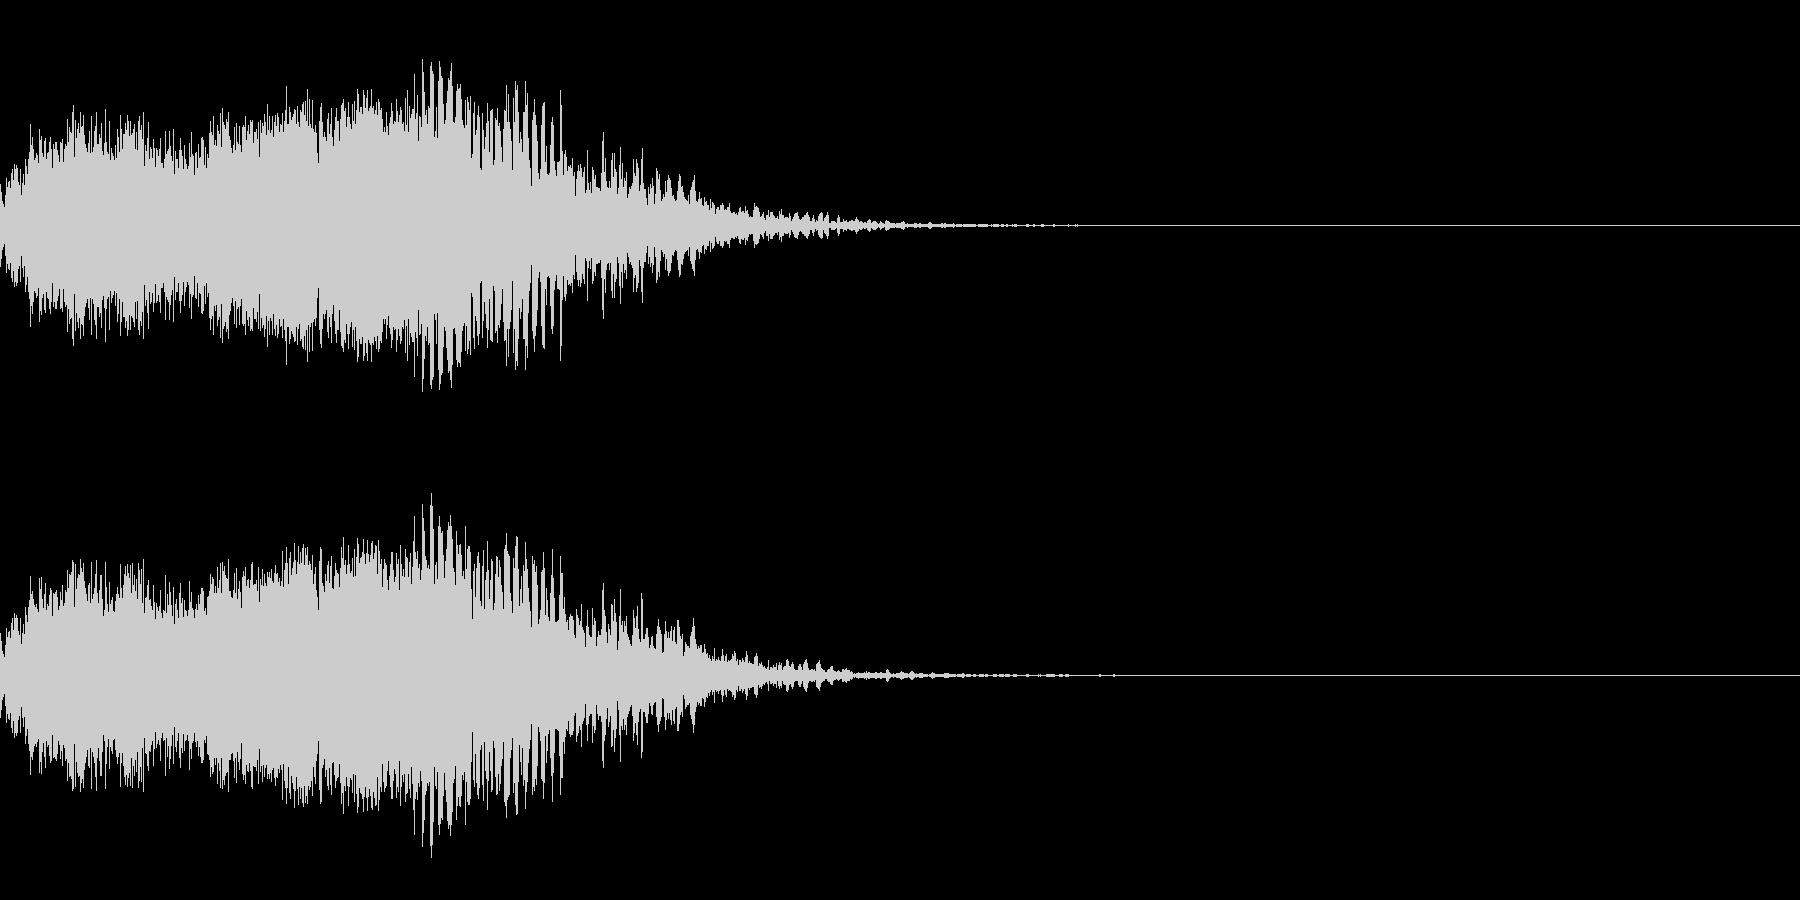 スパーク音-08の未再生の波形